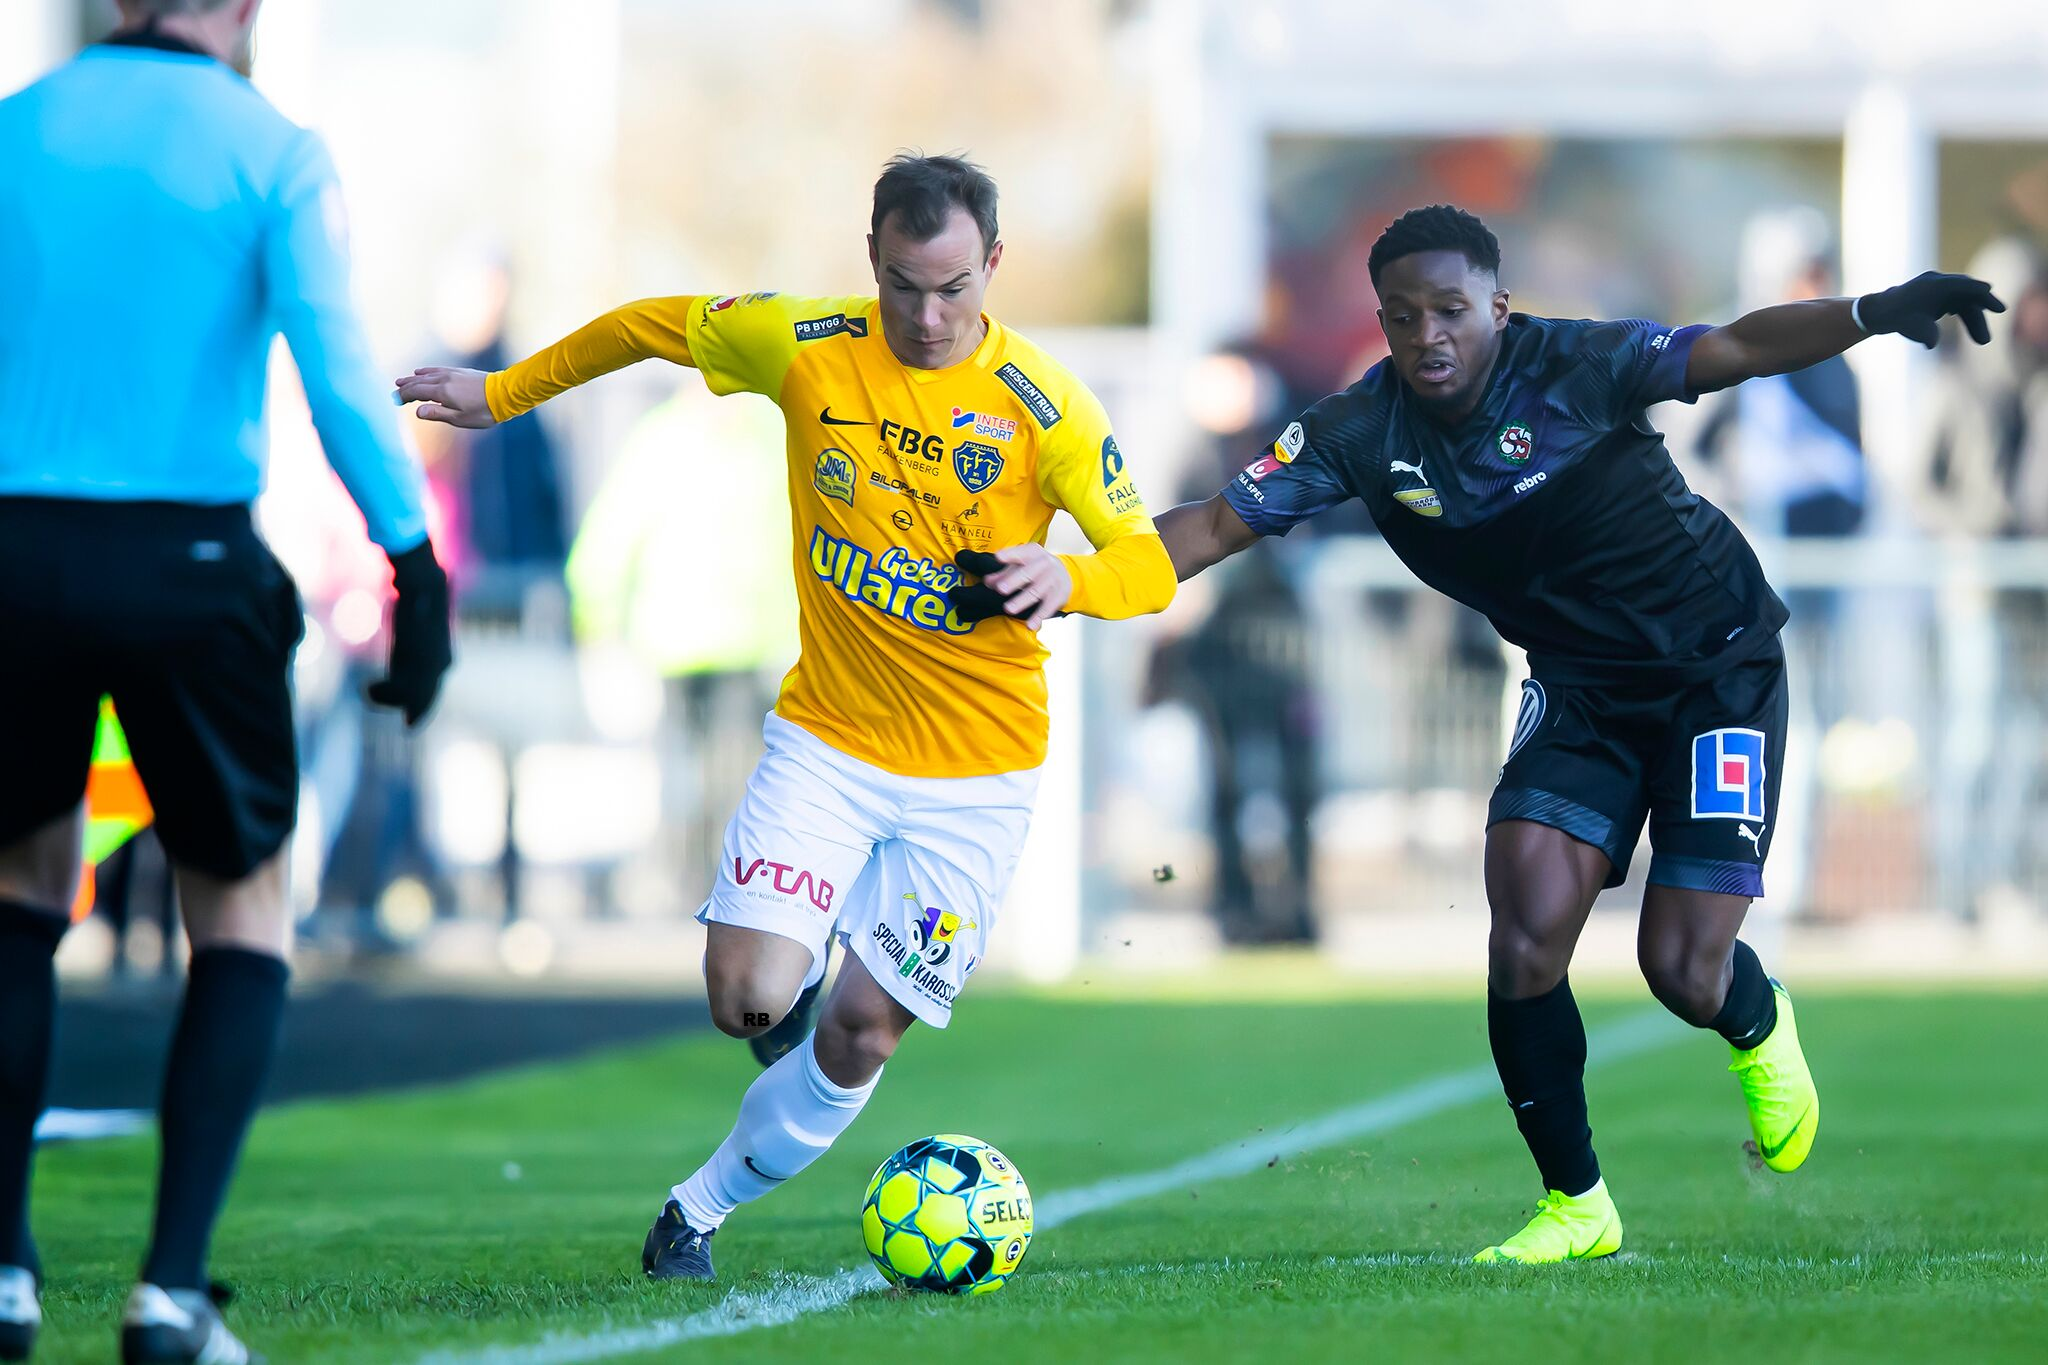 Storförlust för U21 mot Kalmar